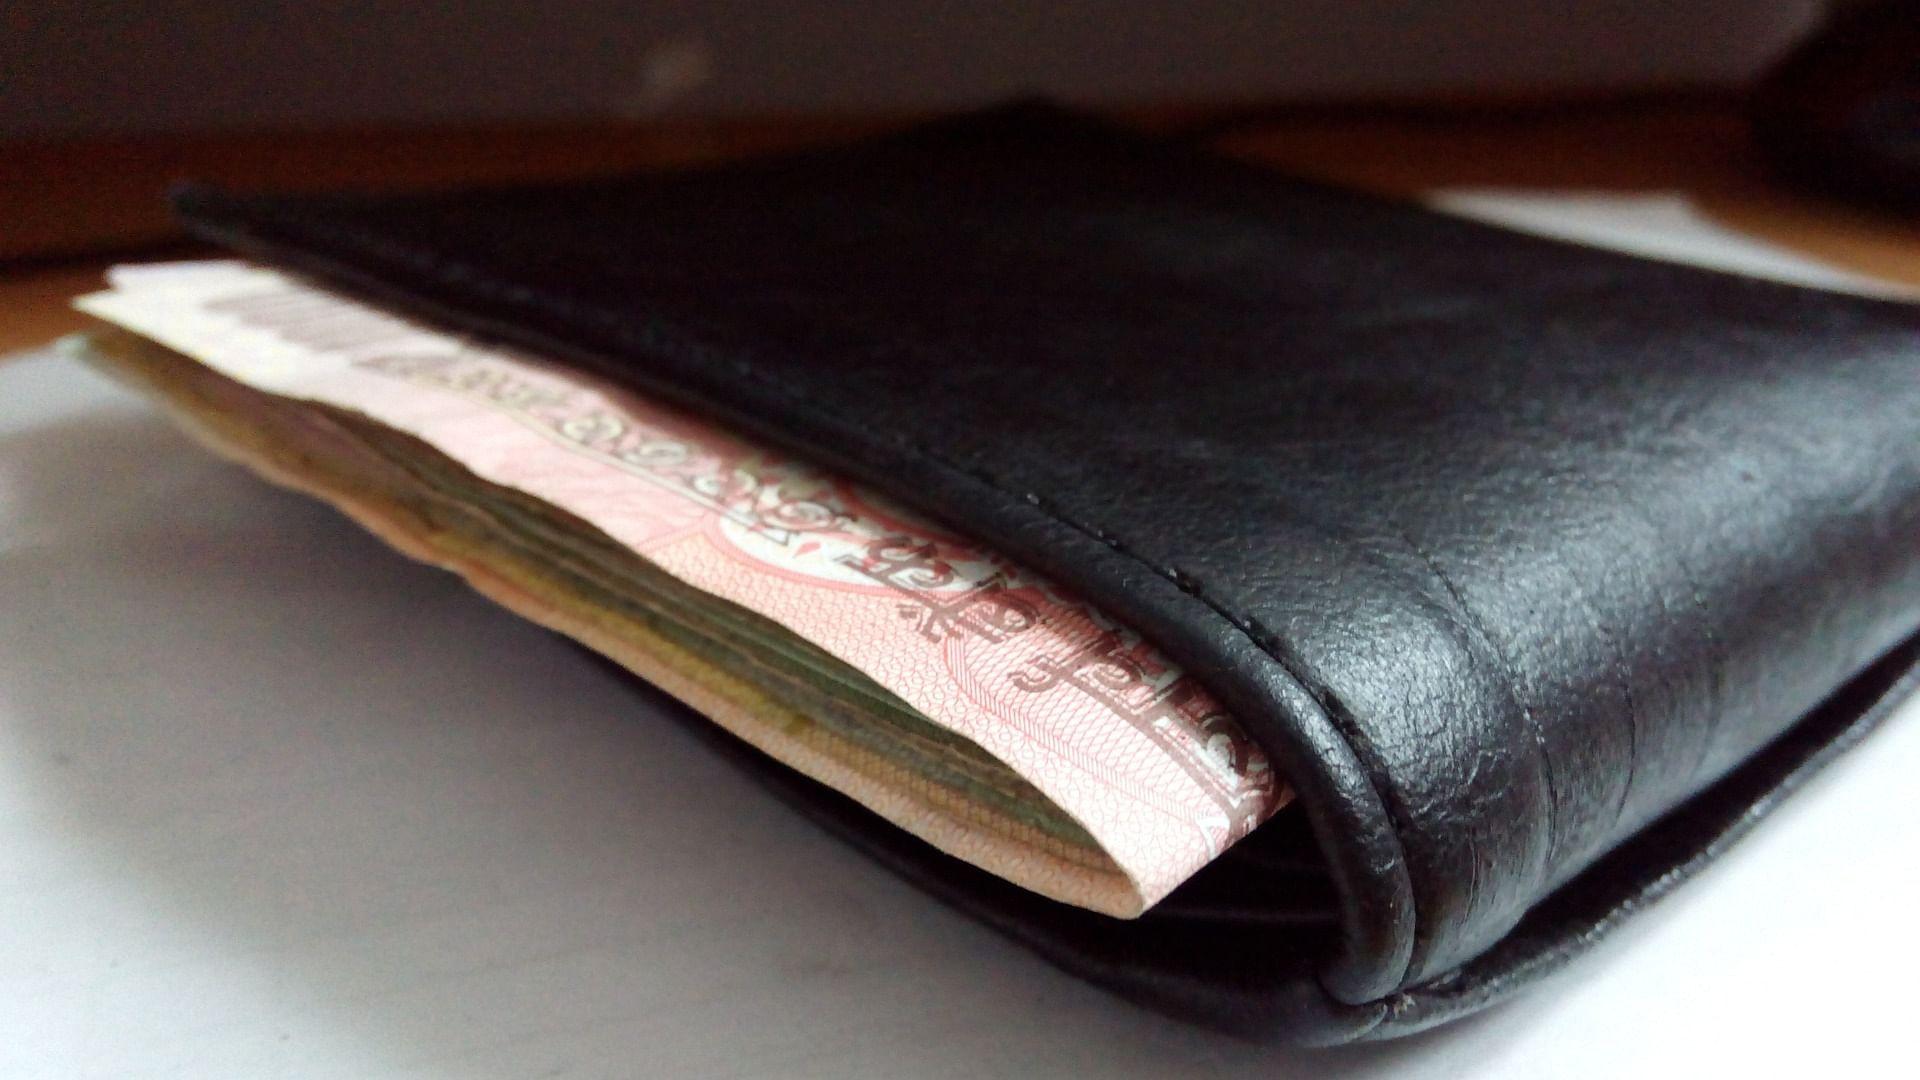 Andheri wallet yatin naik